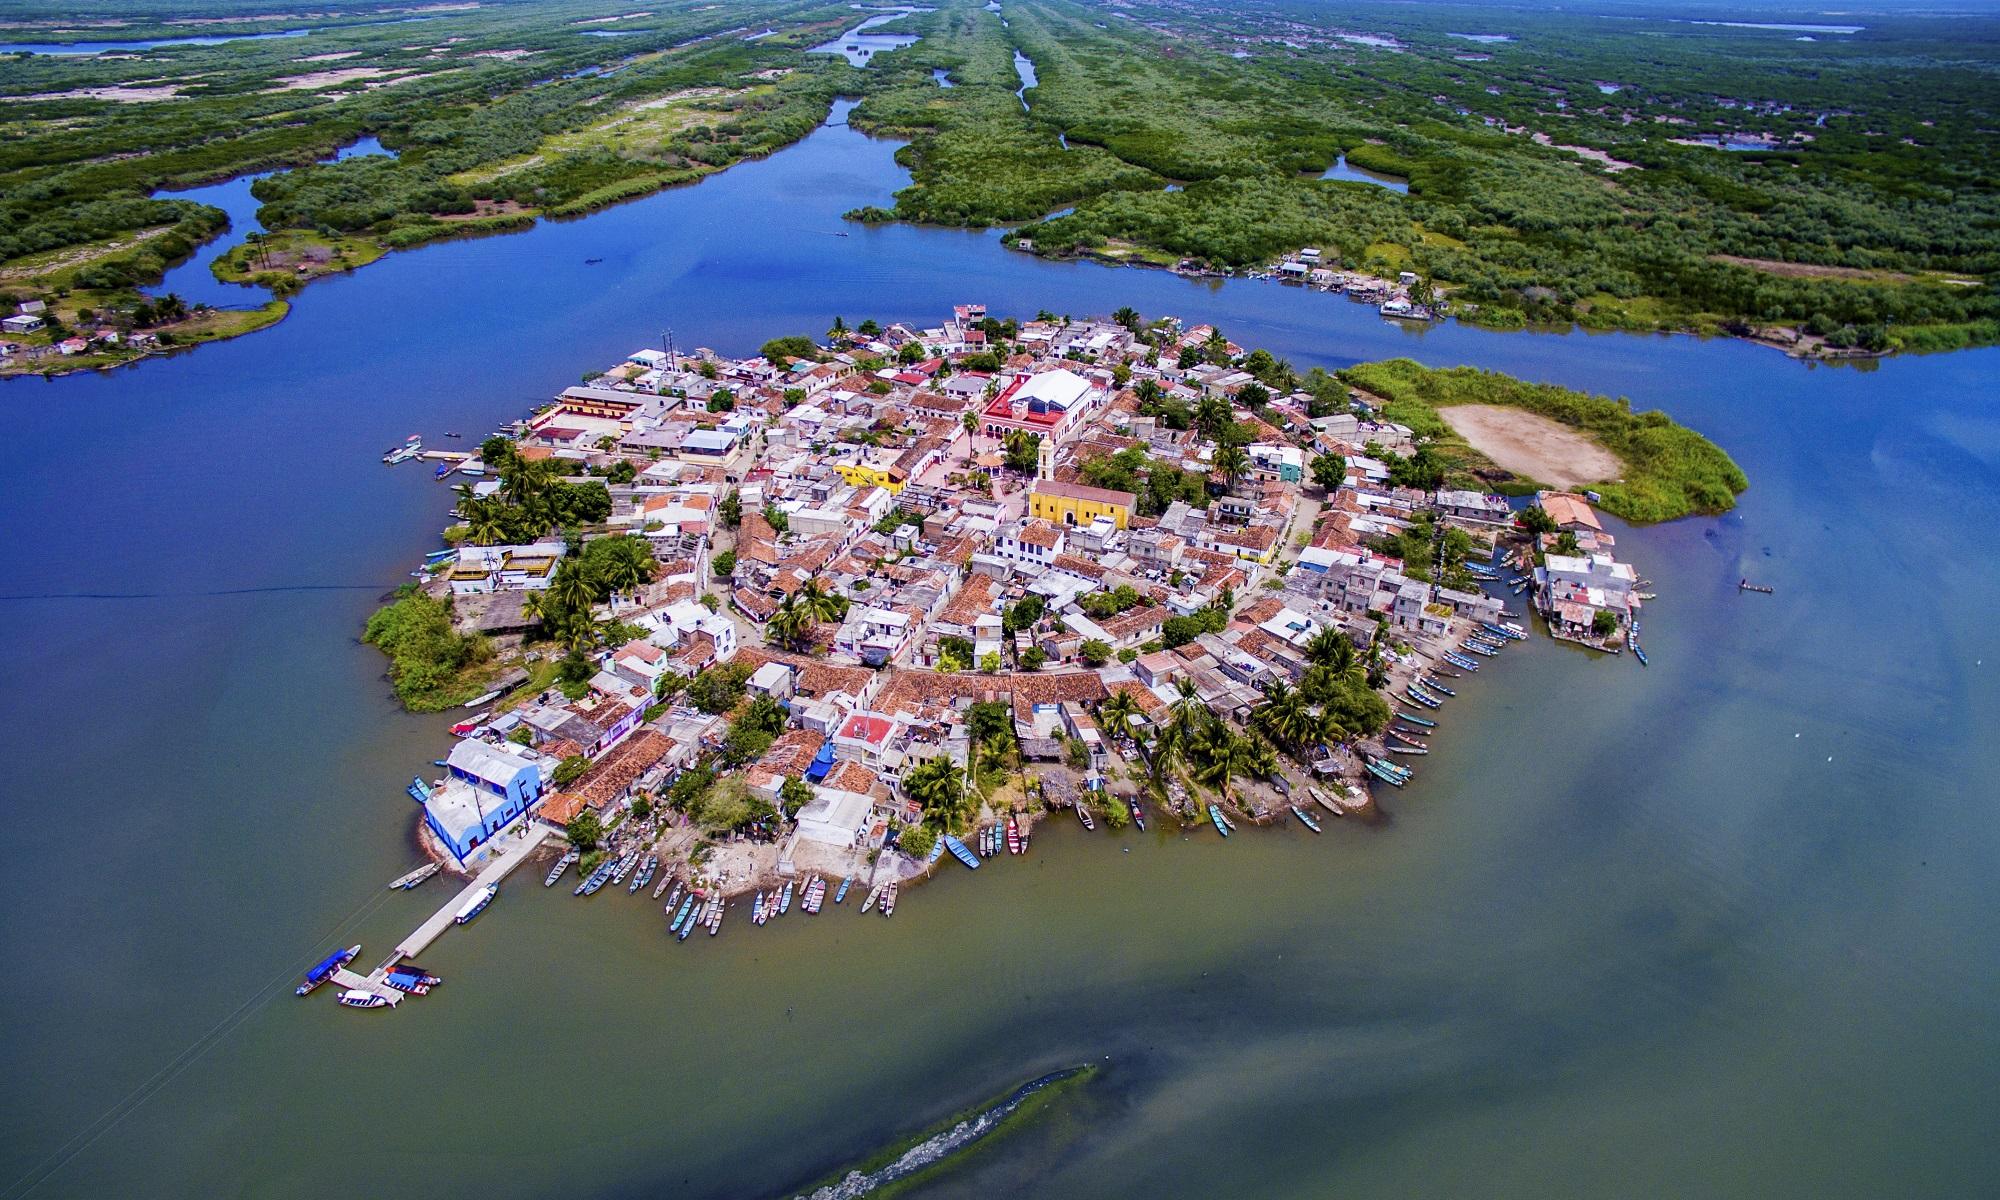 Riviera Nayarit, trésor caché de la côte pacifique mexicaine - Mexcaltitán